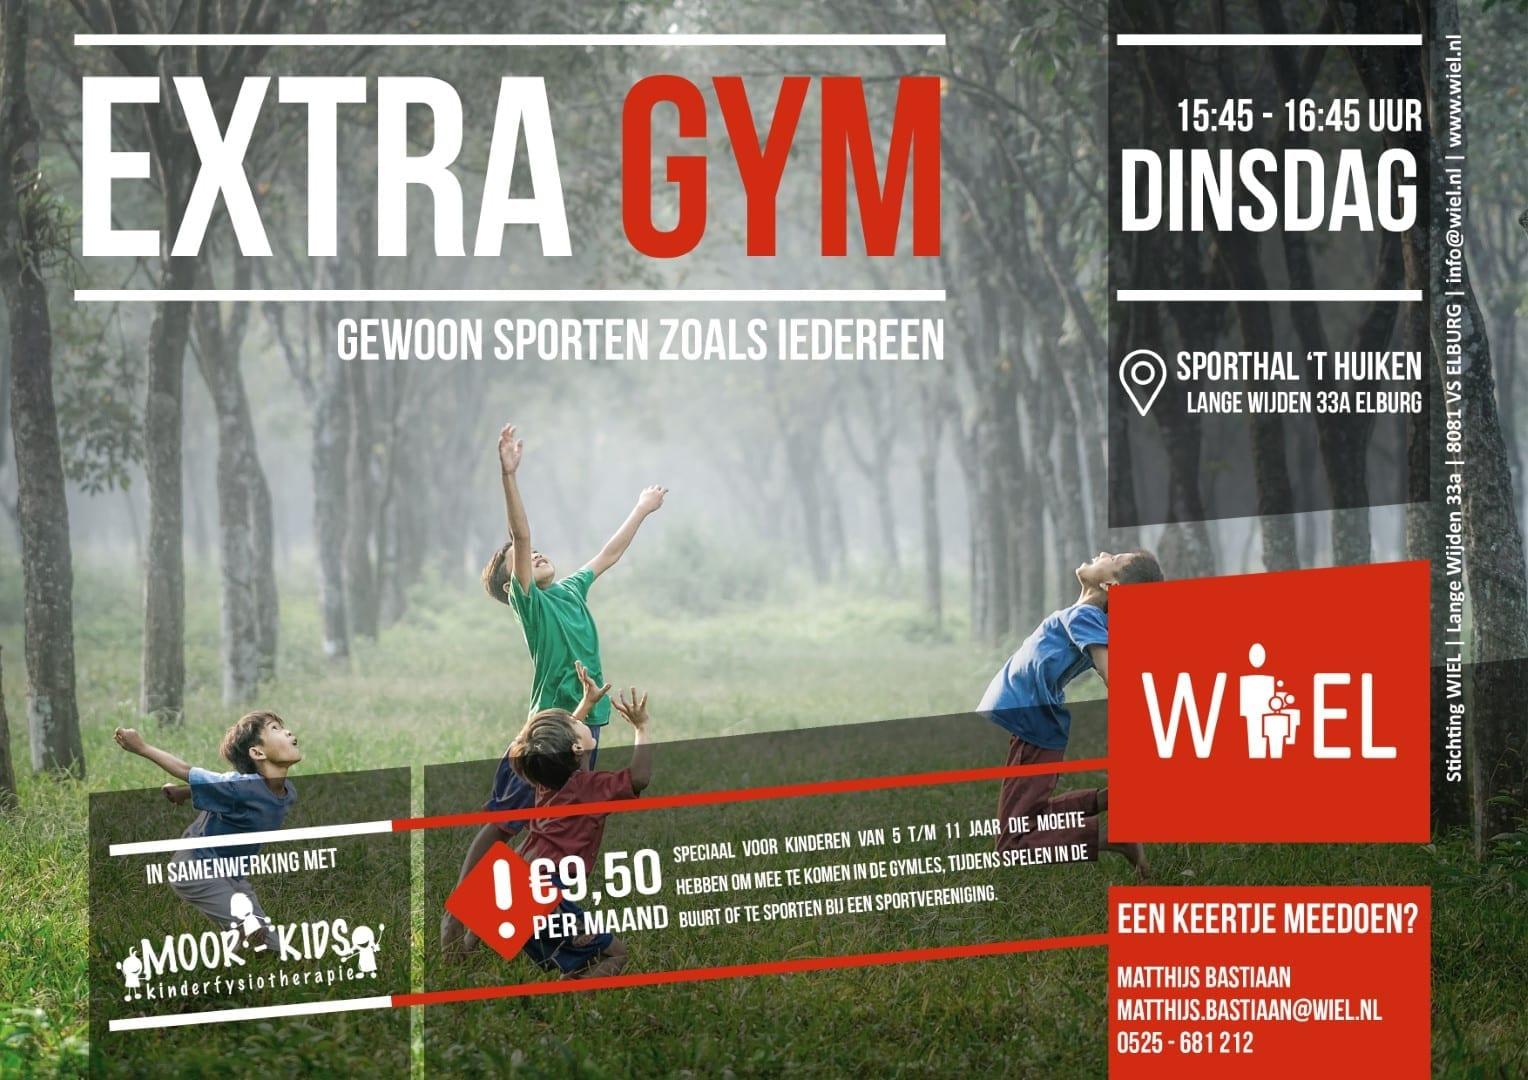 Extra Gym